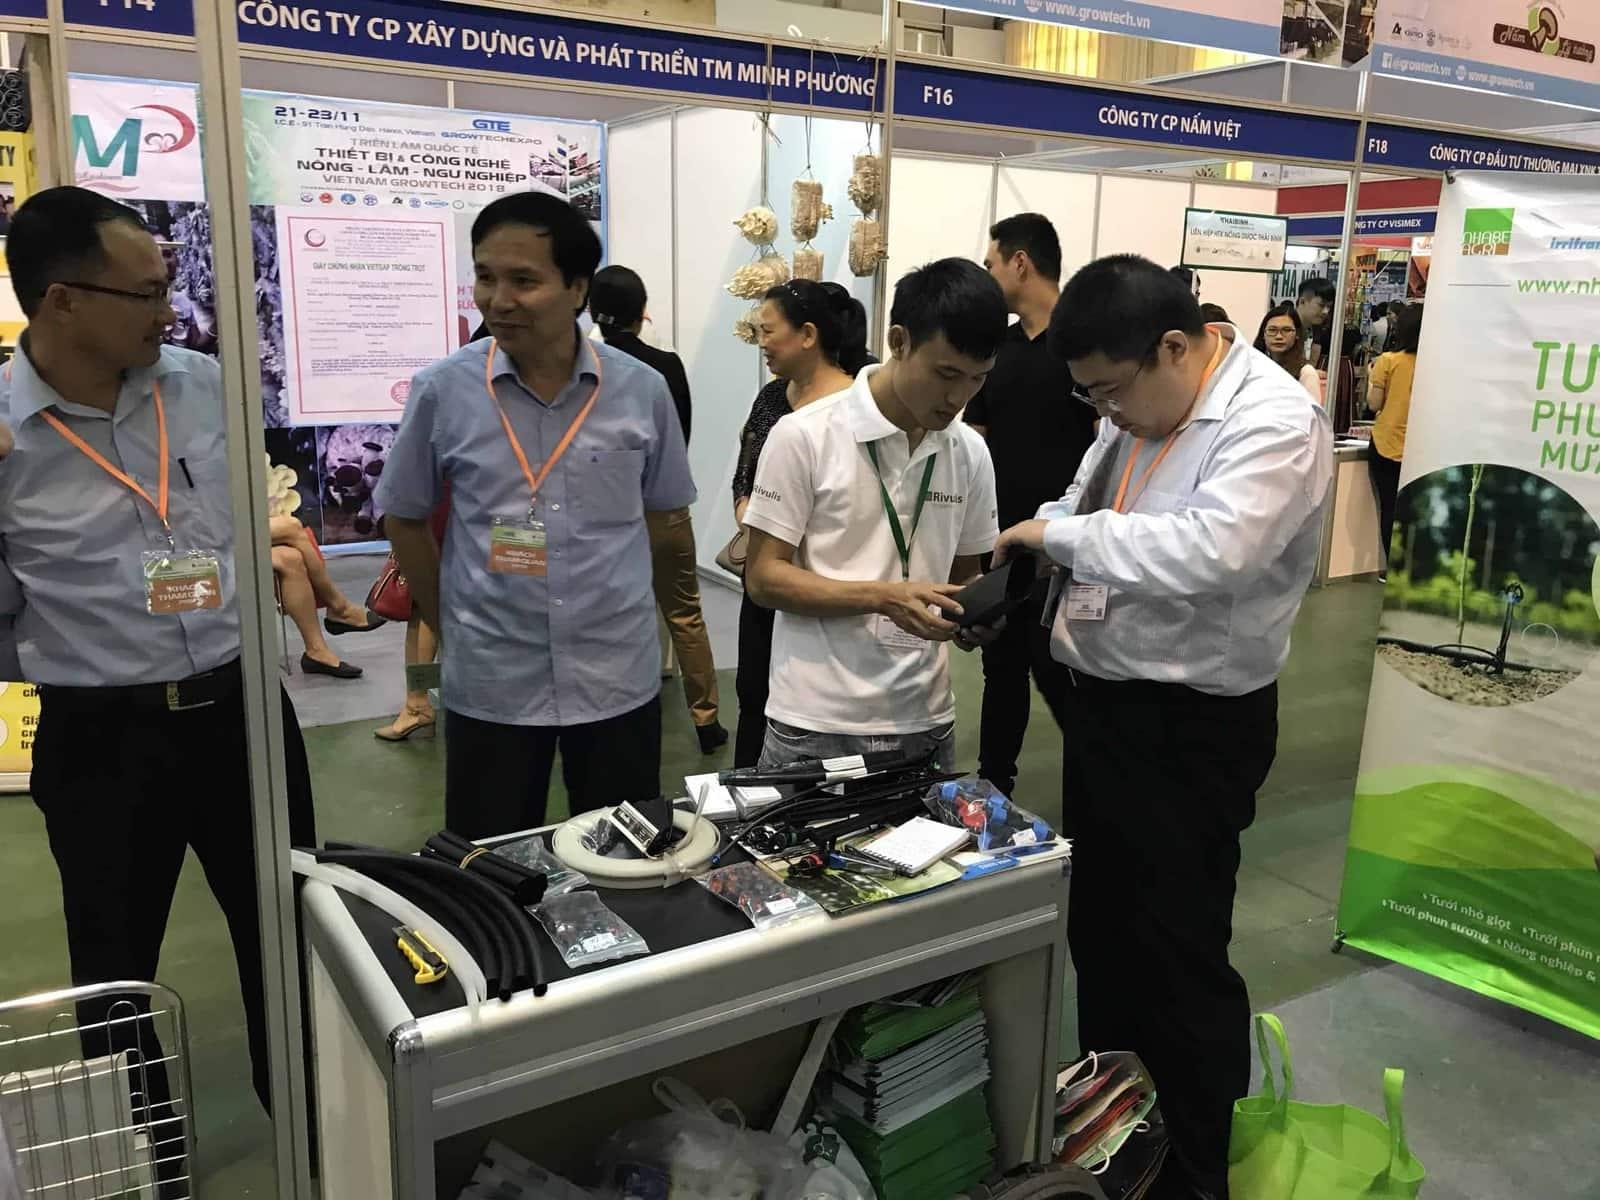 Tư vấn khách hàng tại triển lãm Growtech Hà Nội 2018